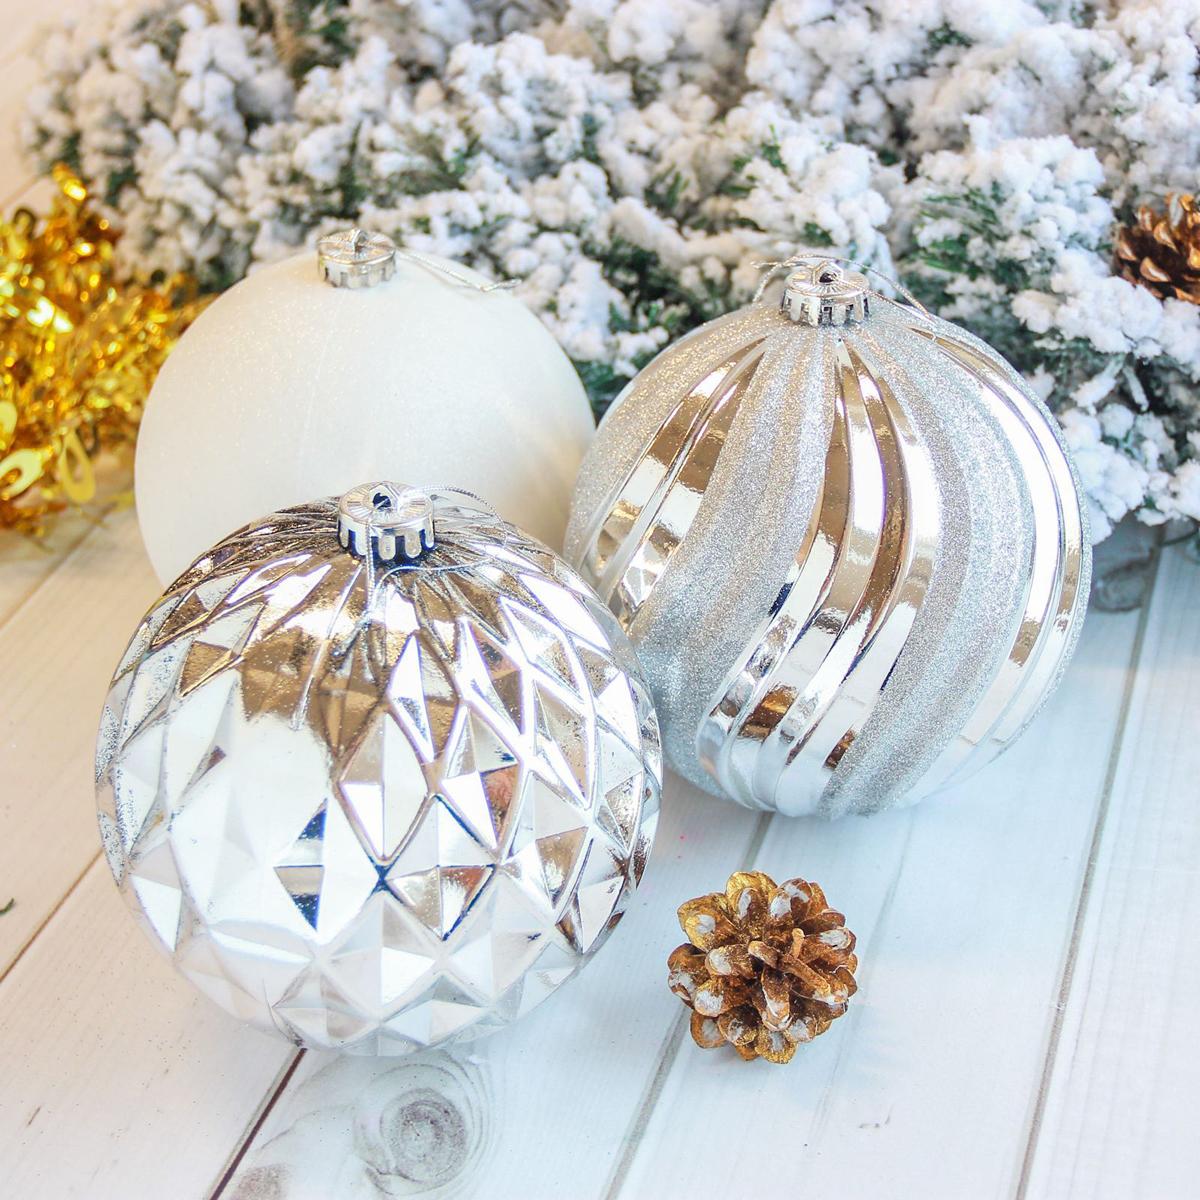 Набор новогодних подвесных украшений Sima-land Гиганты, цвет: серебристый, диаметр 15 см, 3 шт2122918Набор новогодних подвесных украшений Sima-land отлично подойдет для декорации вашего дома и новогодней ели. С помощью специальной петельки украшение можно повесить в любом понравившемся вам месте. Но, конечно, удачнее всего оно будет смотреться на праздничной елке. Елочная игрушка - символ Нового года. Она несет в себе волшебство и красоту праздника. Создайте в своем доме атмосферу веселья и радости, украшая новогоднюю елку нарядными игрушками, которые будут из года в год накапливать теплоту воспоминаний.